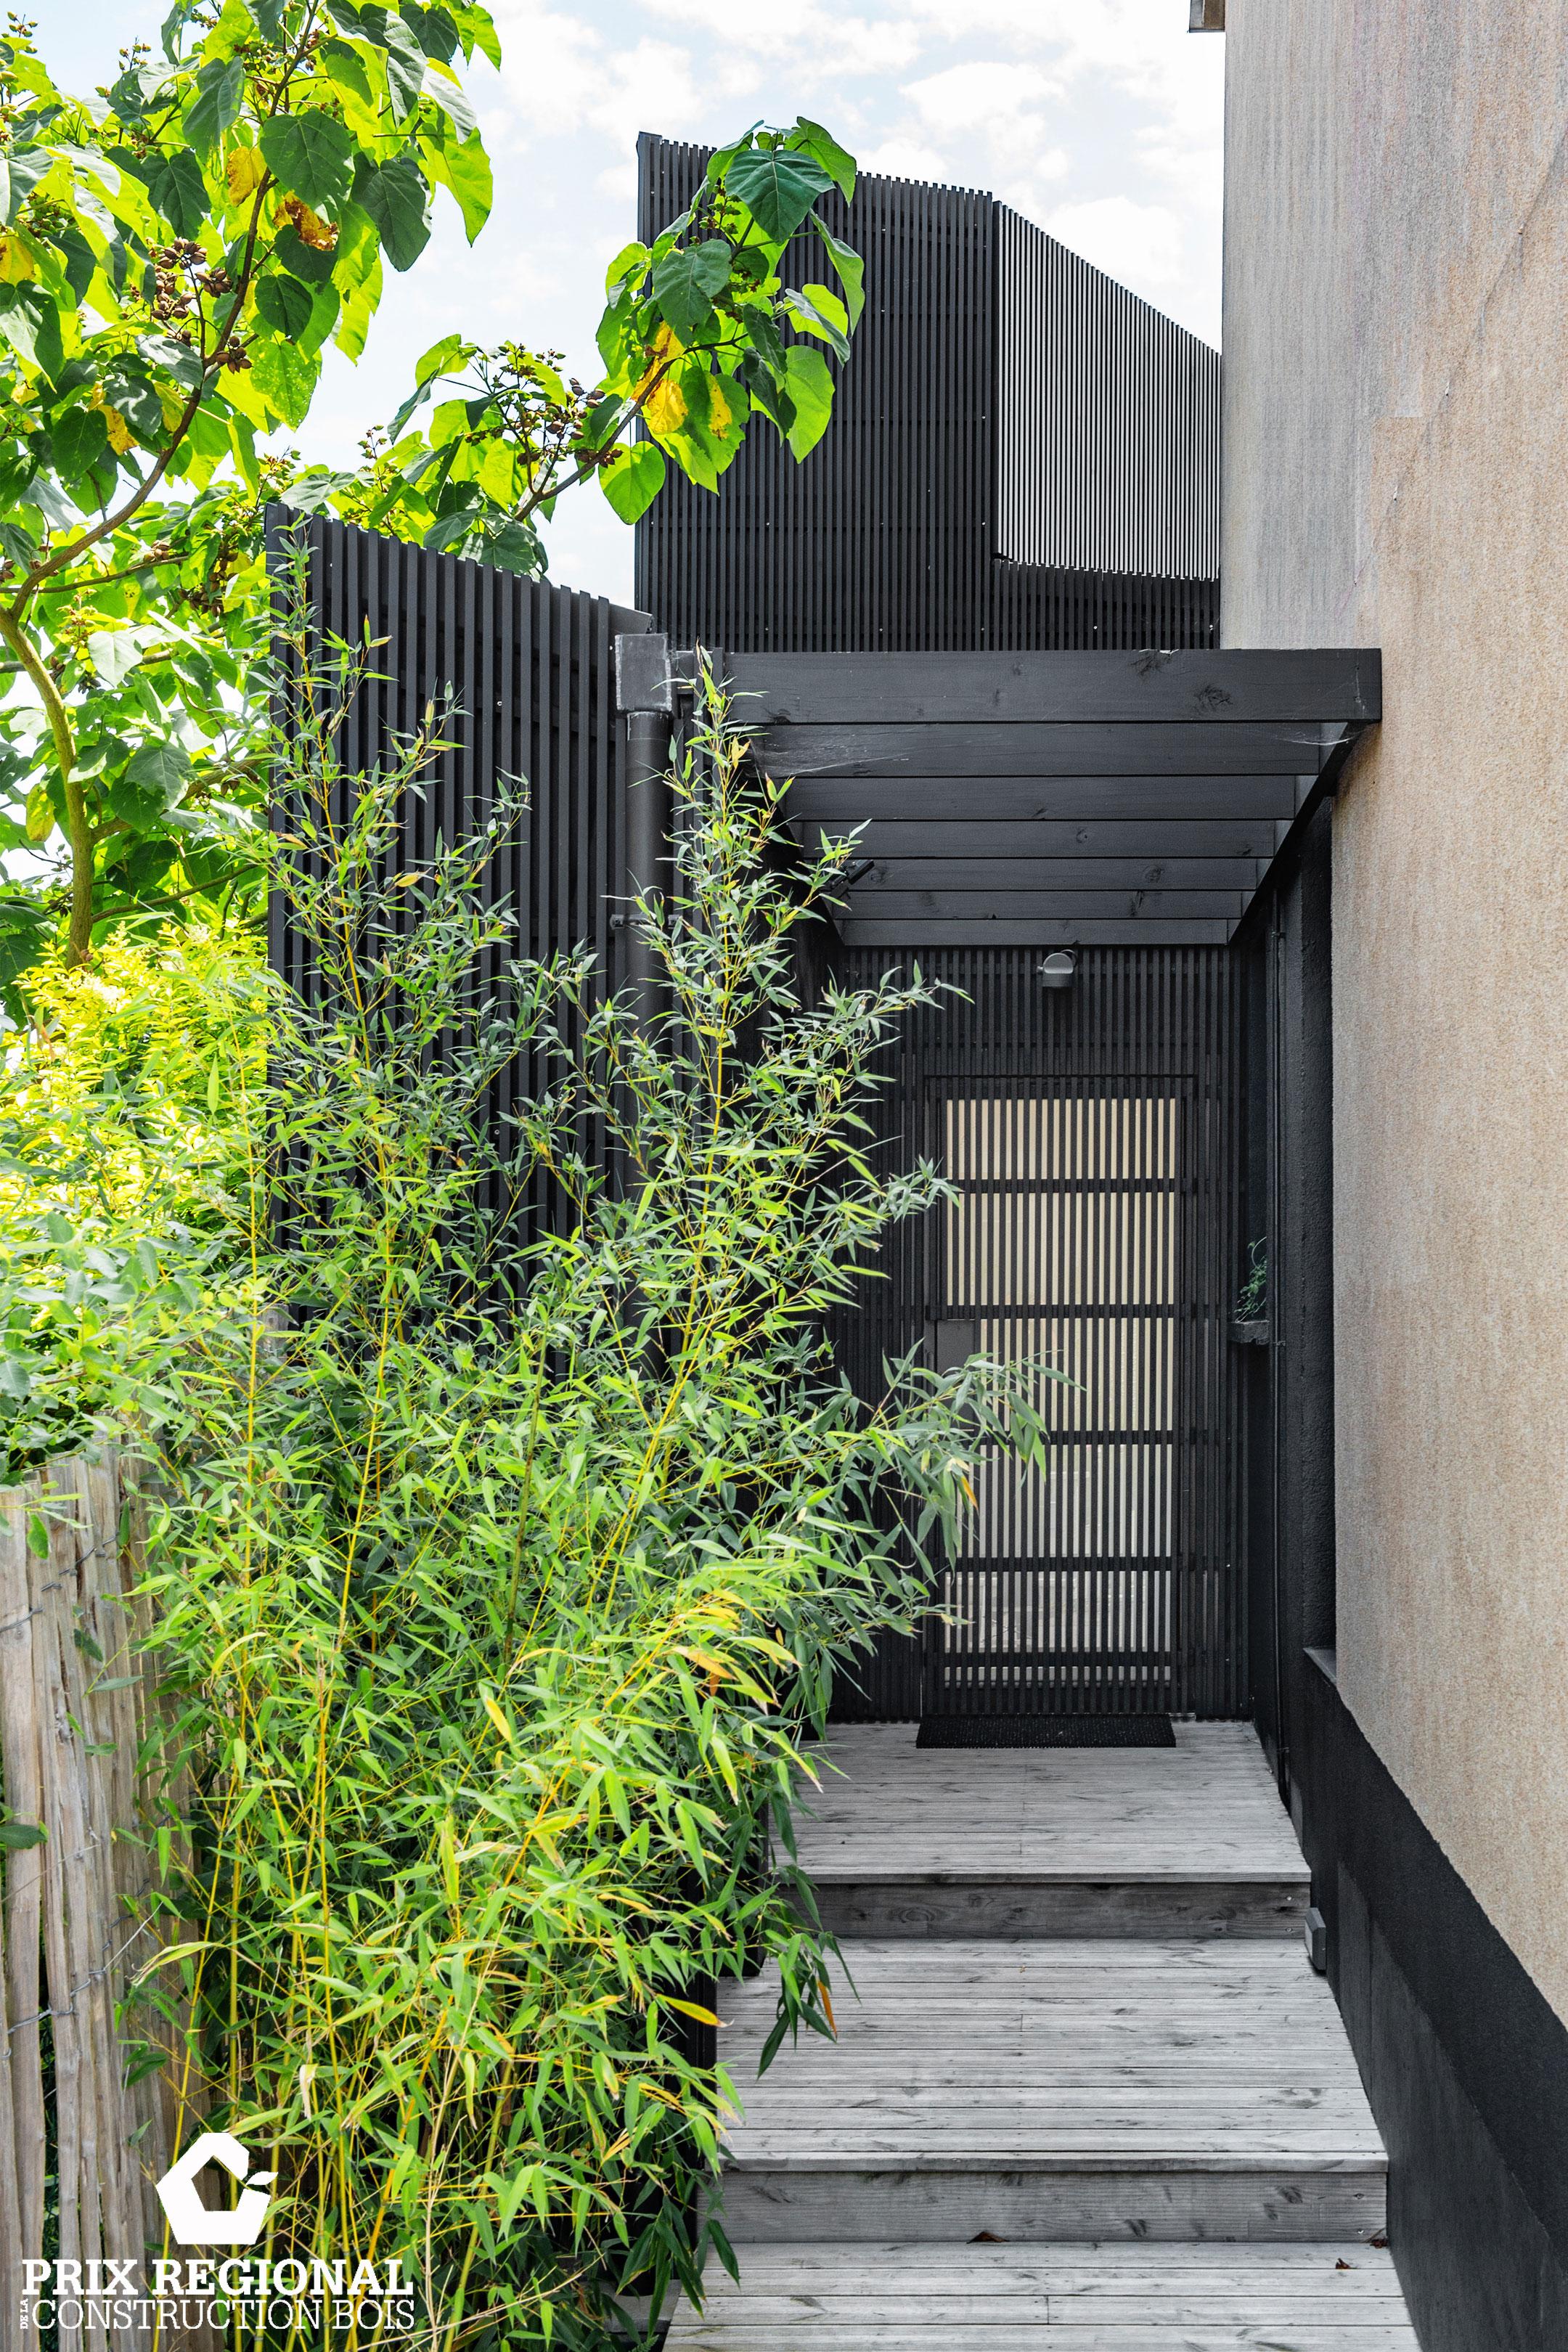 EEàR_Prix-construction-bois